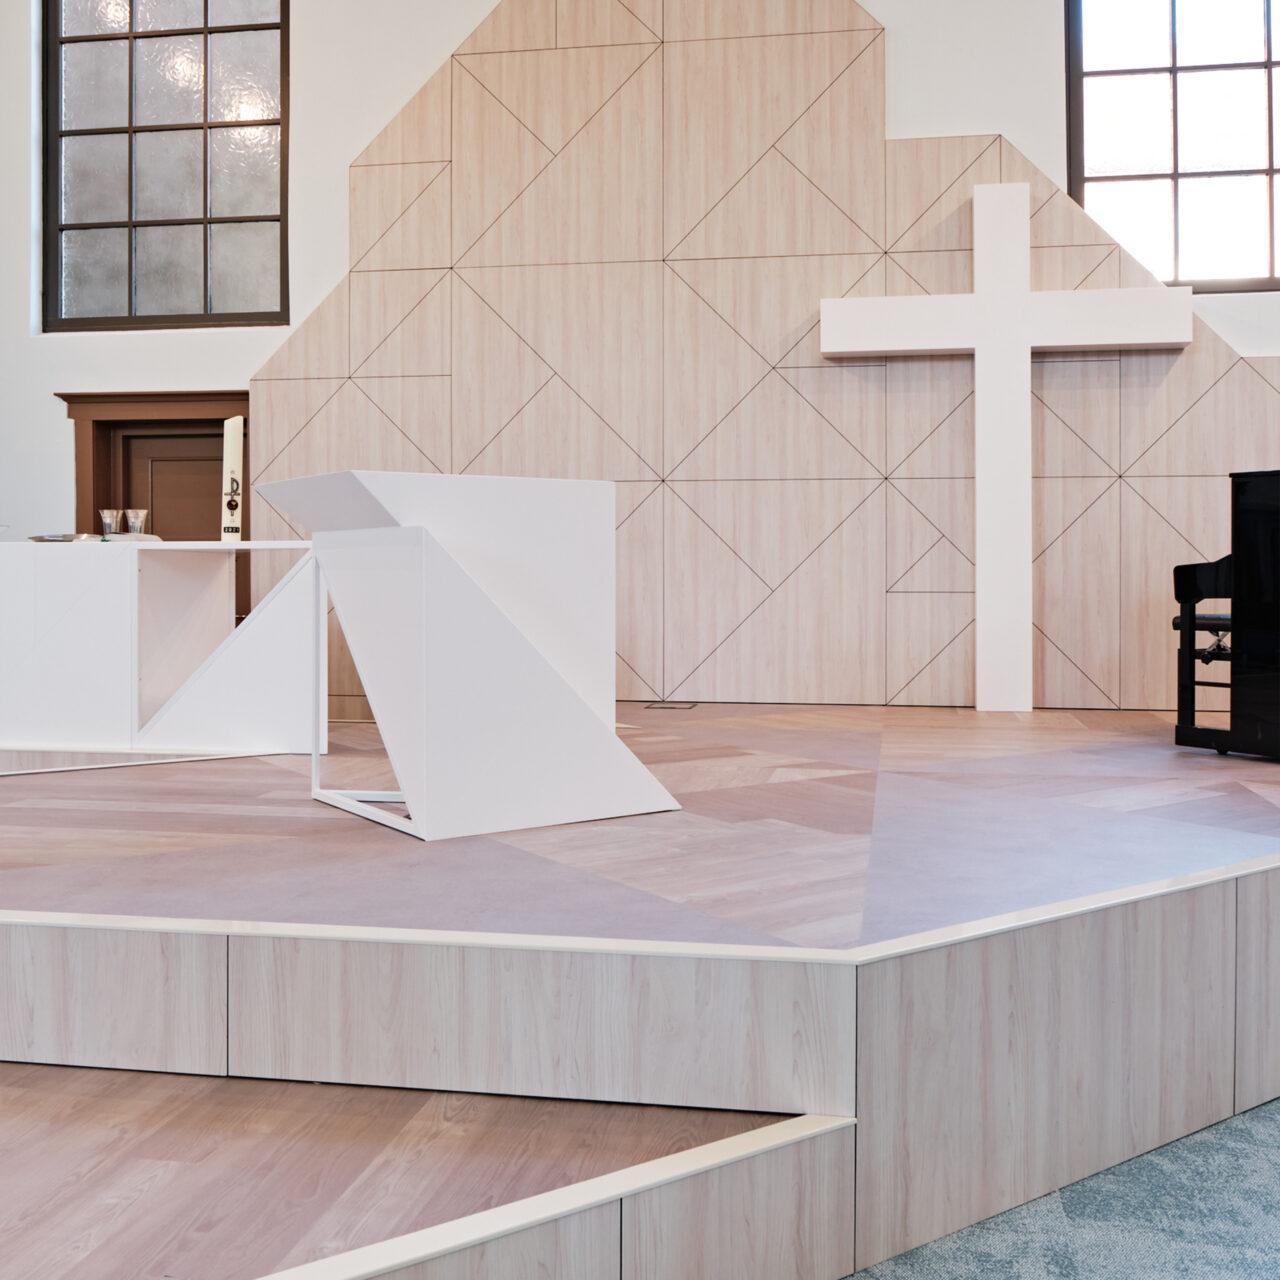 https://www.matude.nl/wp-content/uploads/2021/07/Matude_Bruynzeel_Herengrachtkerk_Leiden_Micro_Geperforeerde_Panelen_27-1280x1280.jpg